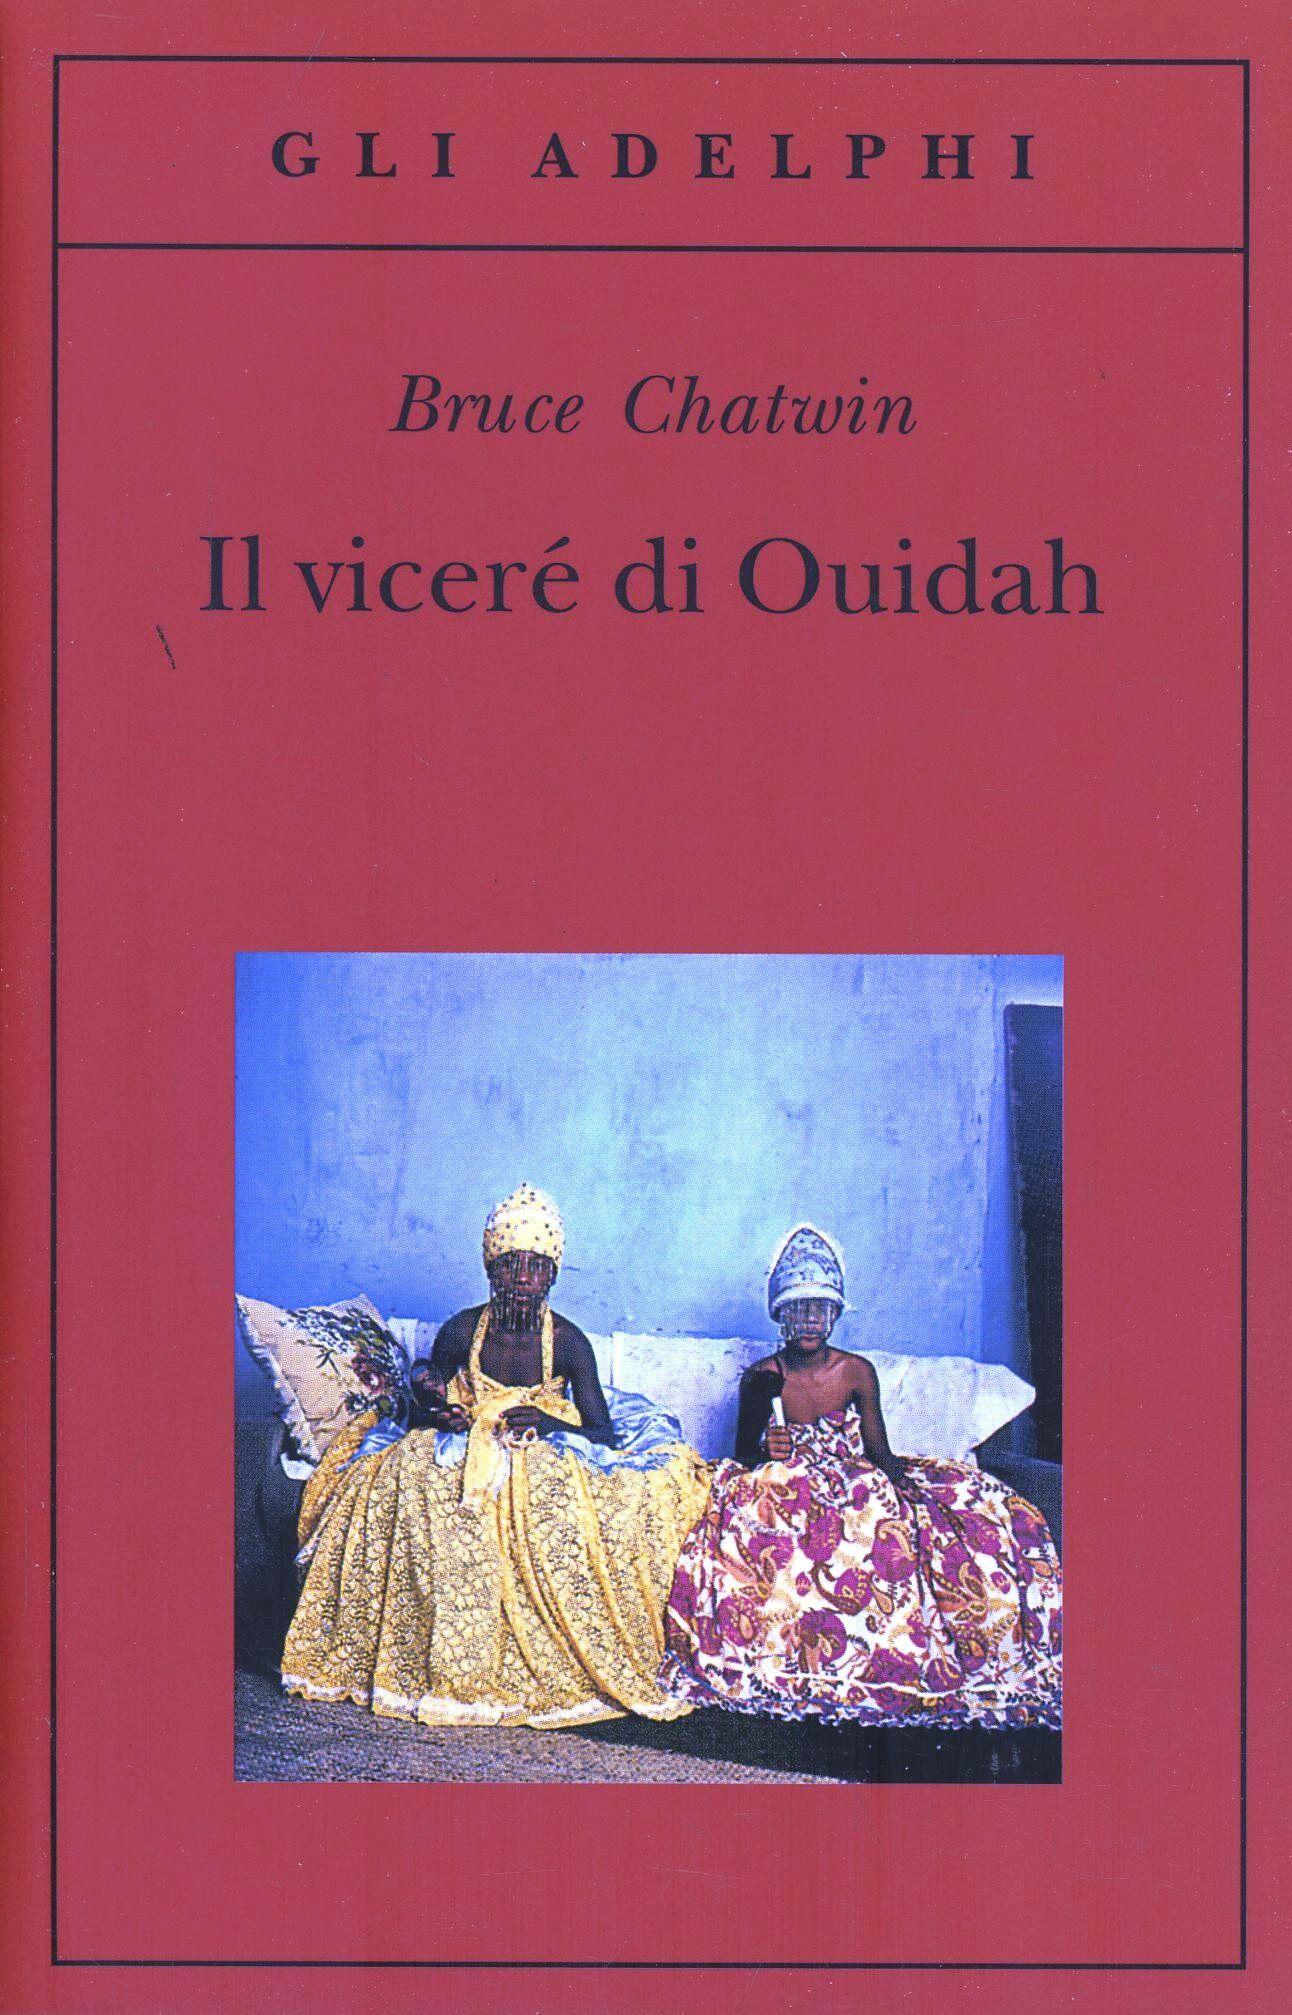 Il viceré di Ouidah